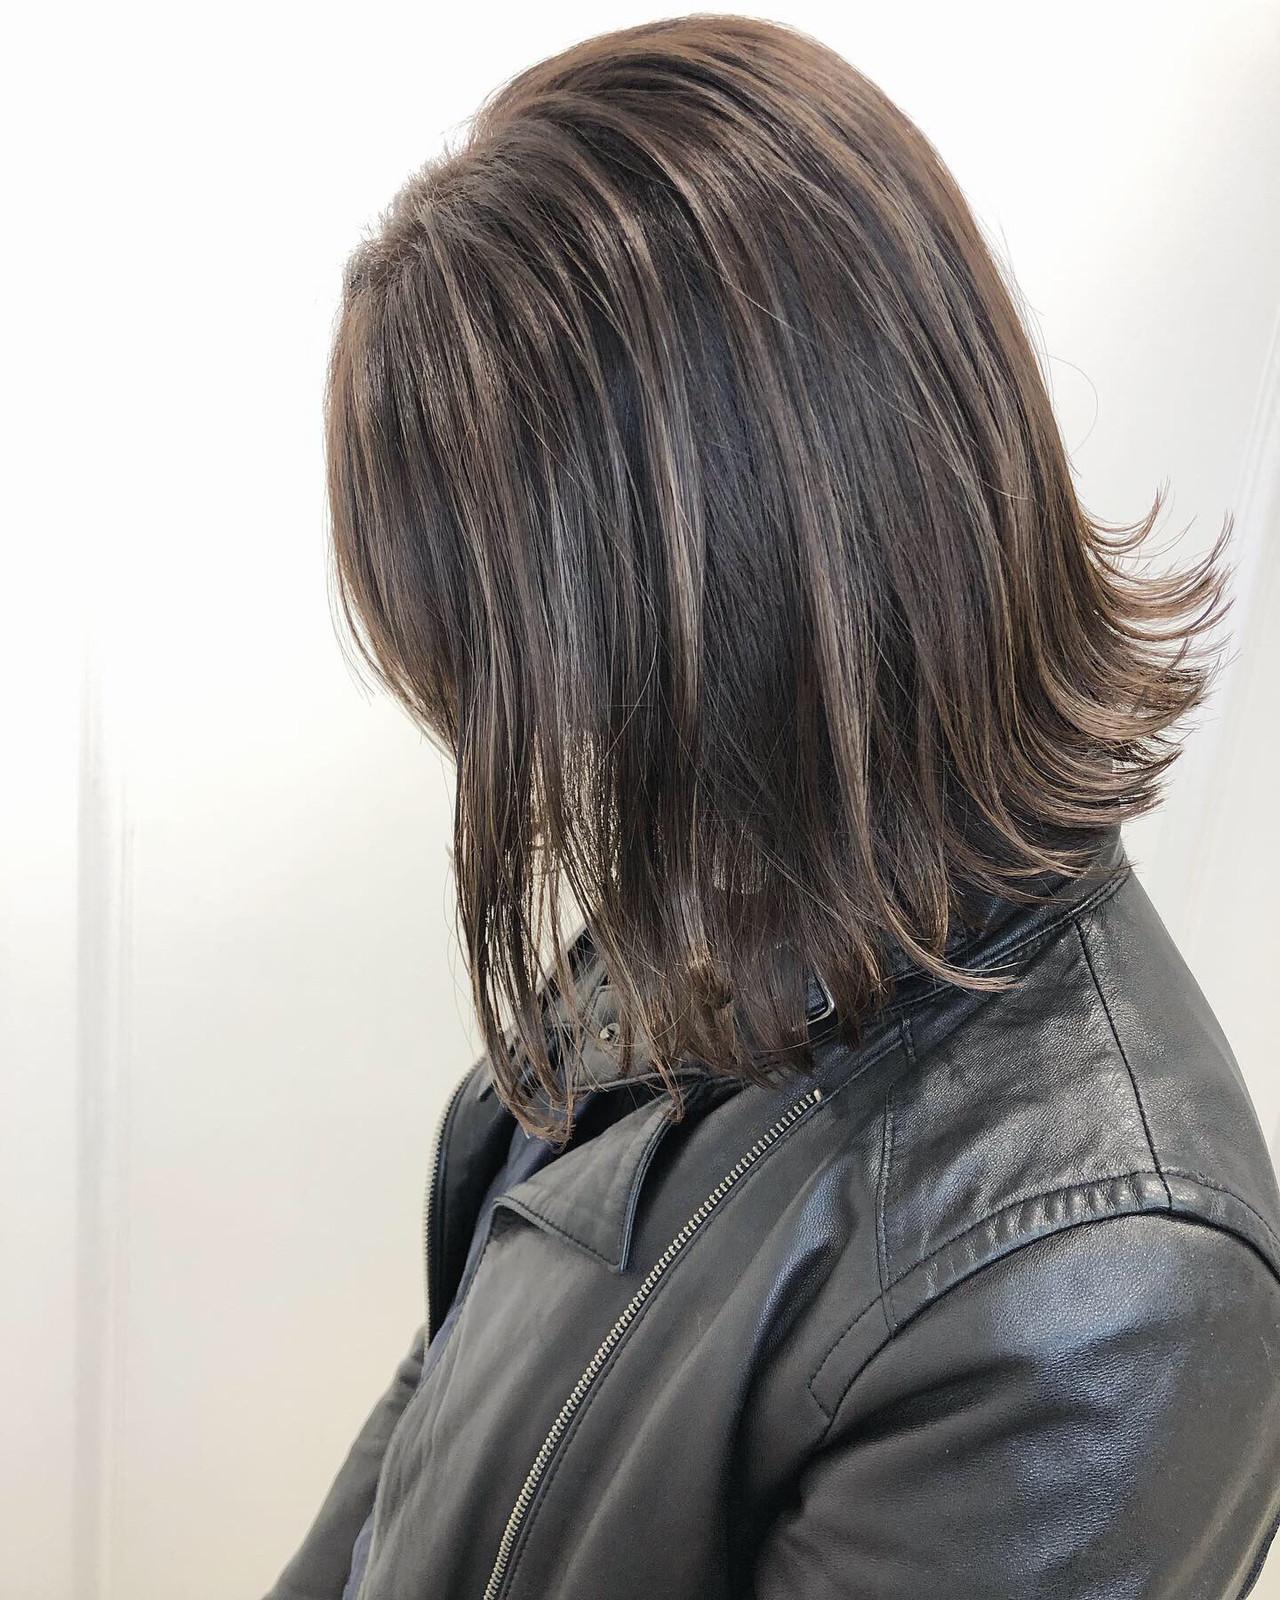 大人かわいい 切りっぱなしボブ グレージュ ミニボブ ヘアスタイルや髪型の写真・画像 | 星川 喜美雄 / Euphoria 銀座三丁目